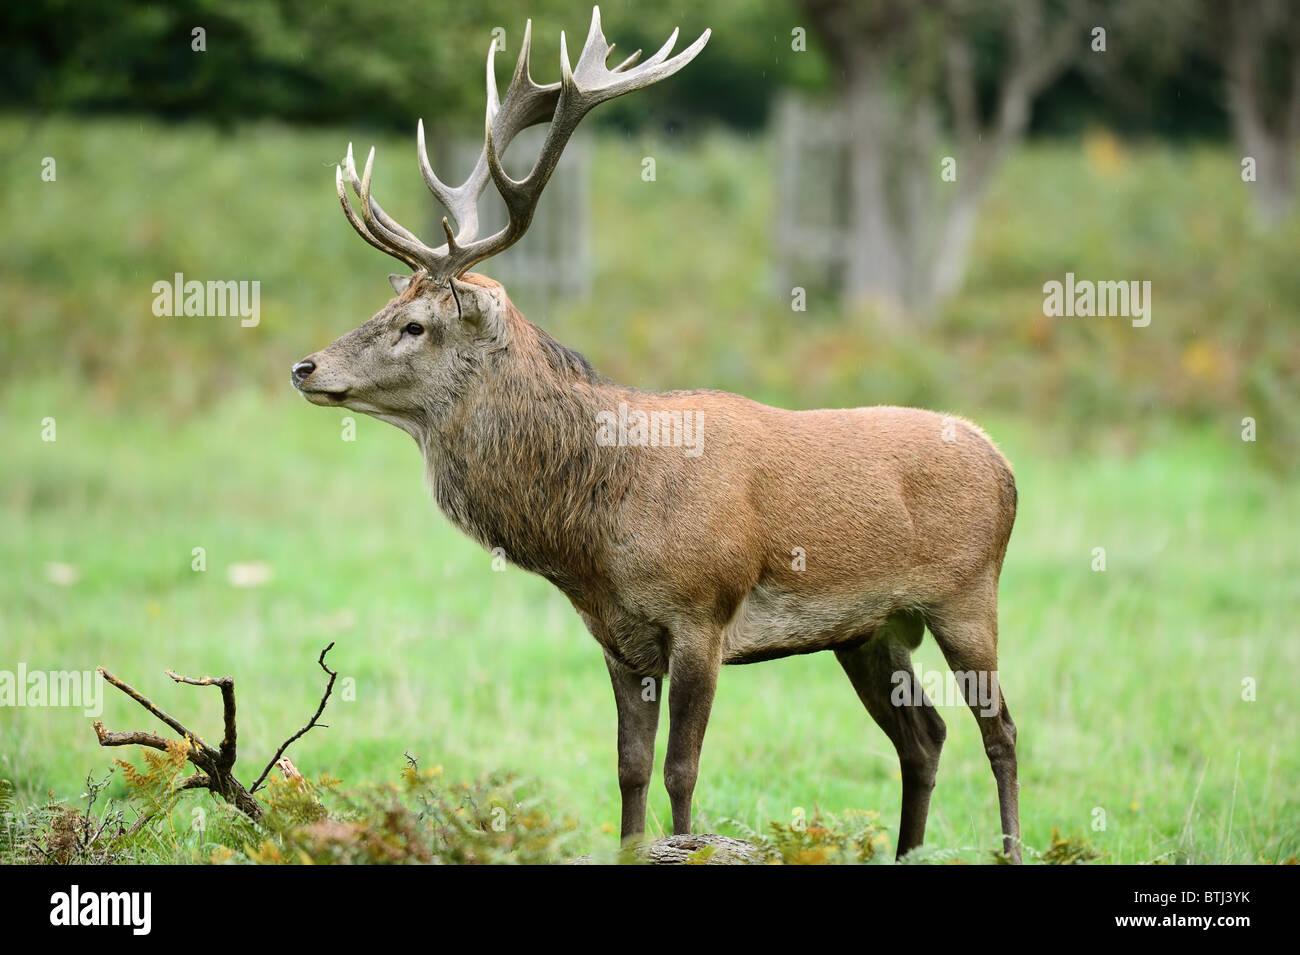 Vista lateral del ciervo ciervo parado en la lluvia Imagen De Stock